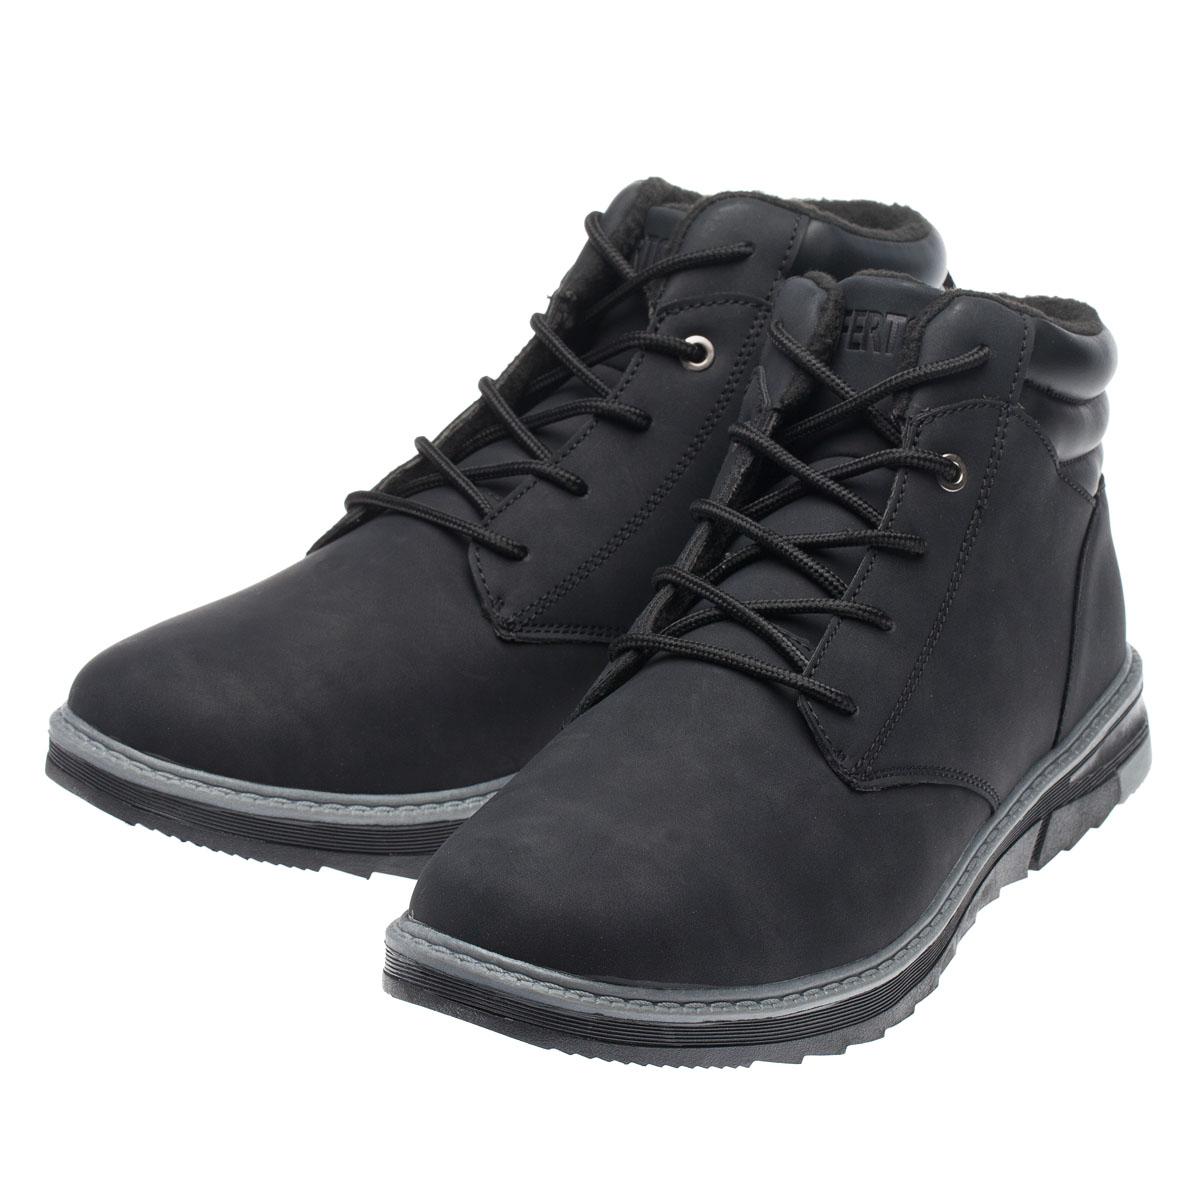 Фото - Ботинки демисезонные FERTO, SKL-9010 ботинки демисезонные ferto skl 008